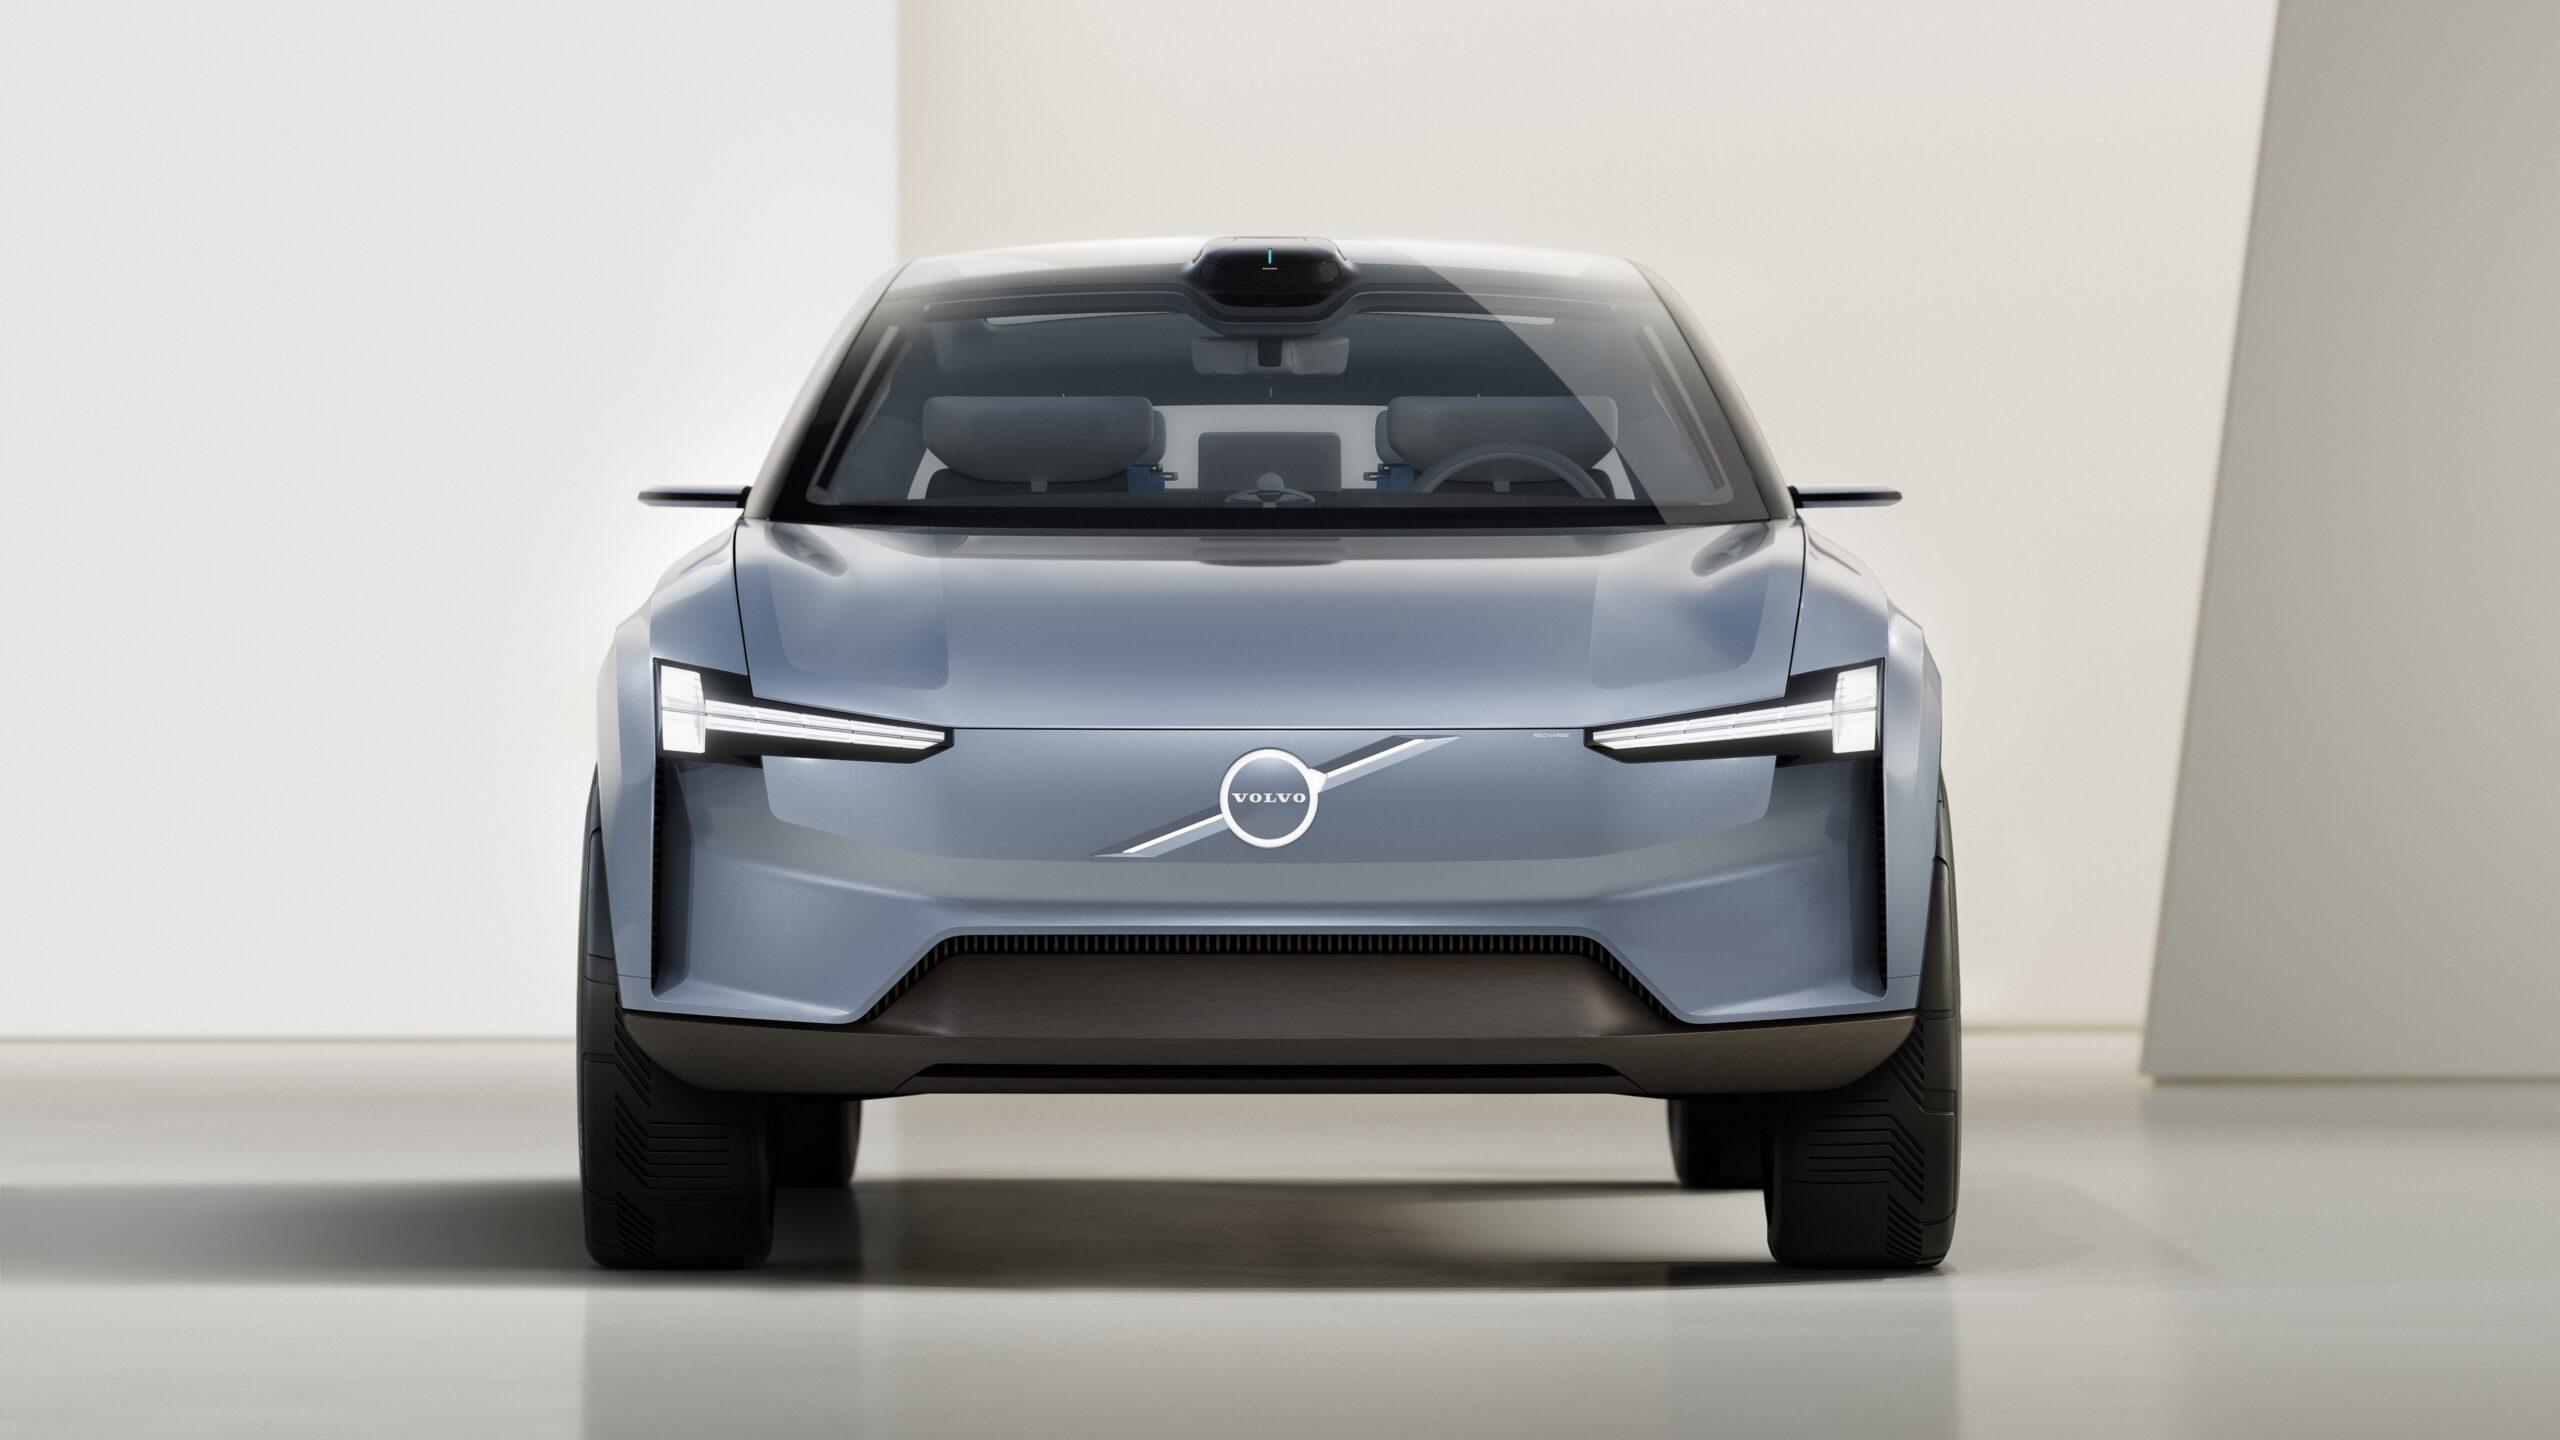 Volvo zmienia swoje logo. Nowe jest znacznie prostsze i minimalistyczne